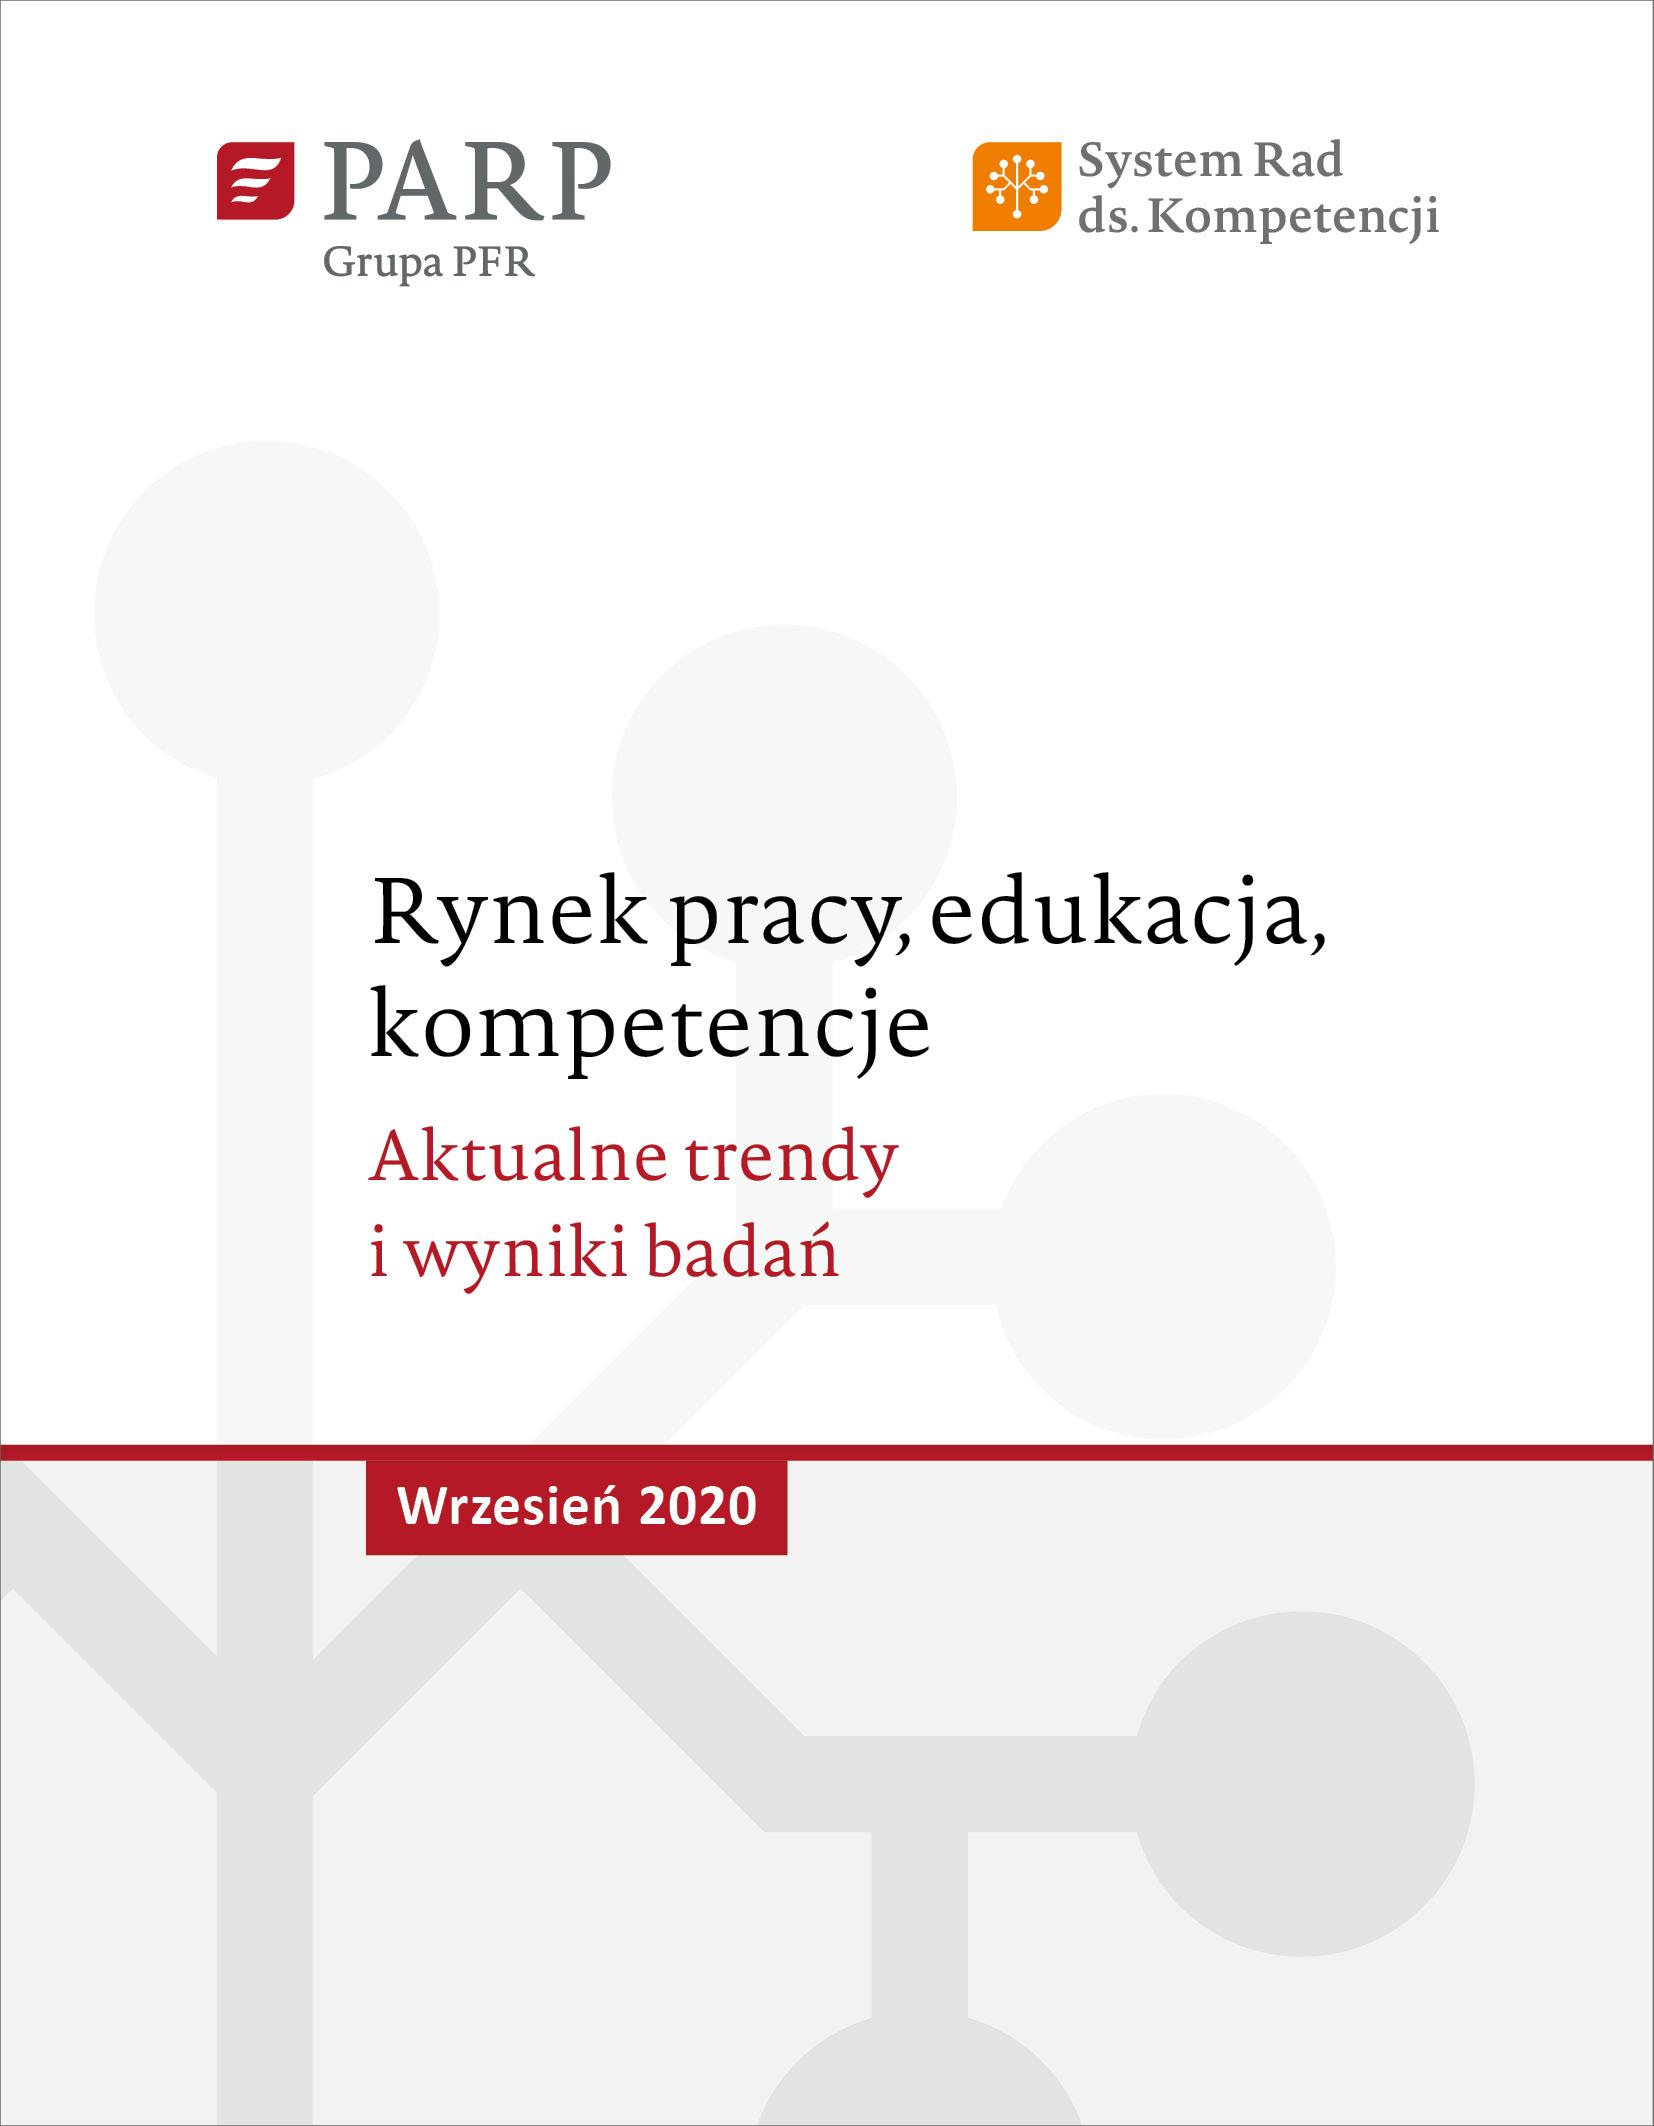 Rynek pracy, edukacja, kompetencje - wrzesień 2020